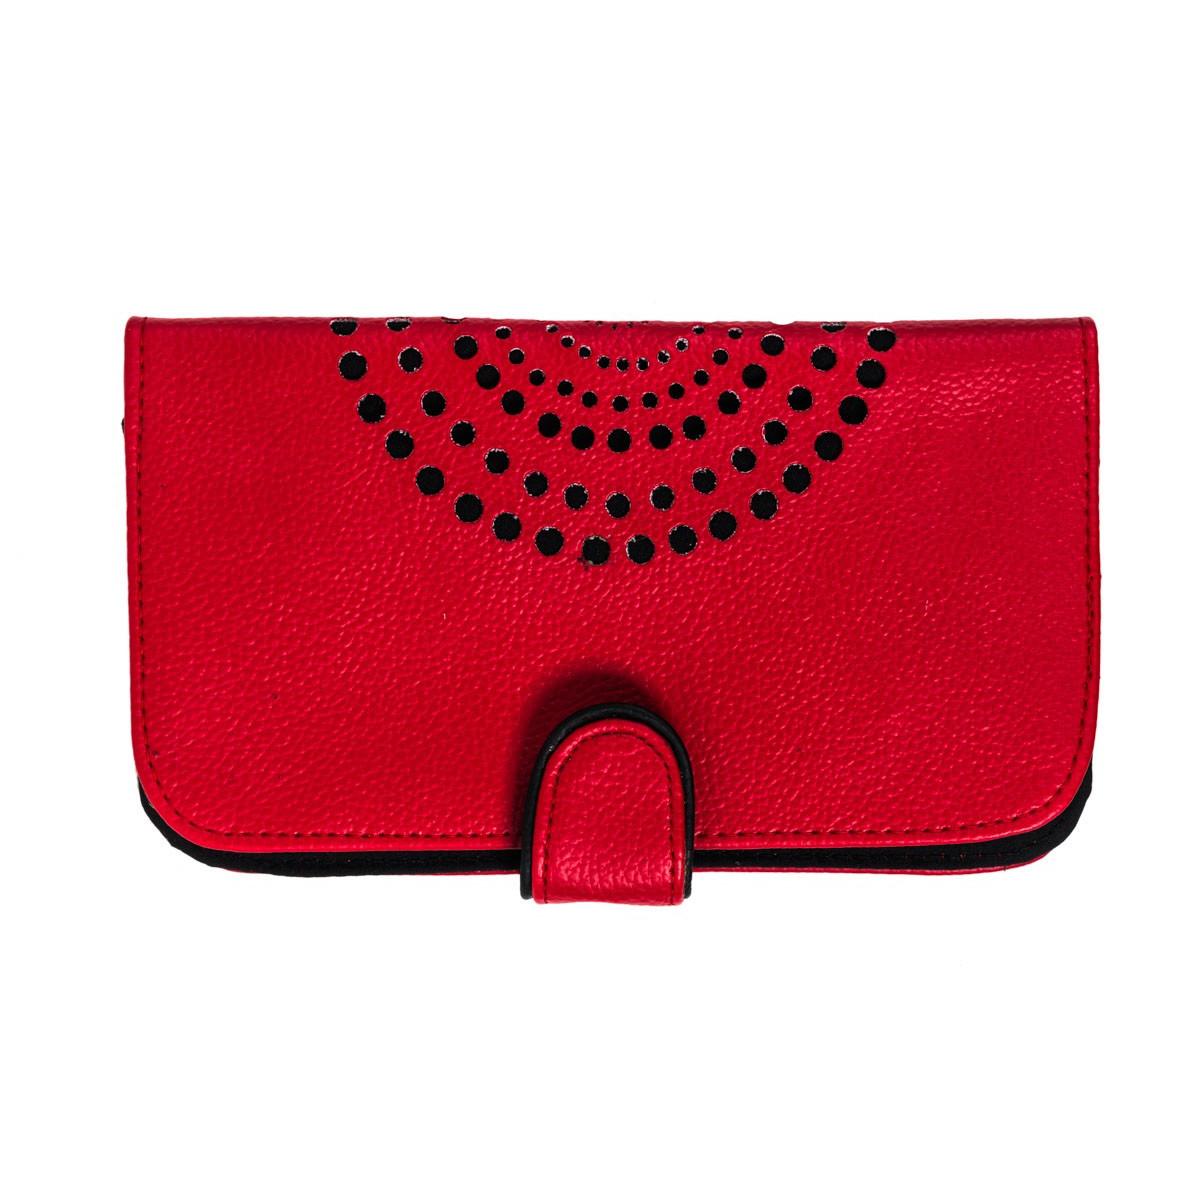 Porte-chéquier femme créateur rouge et noir